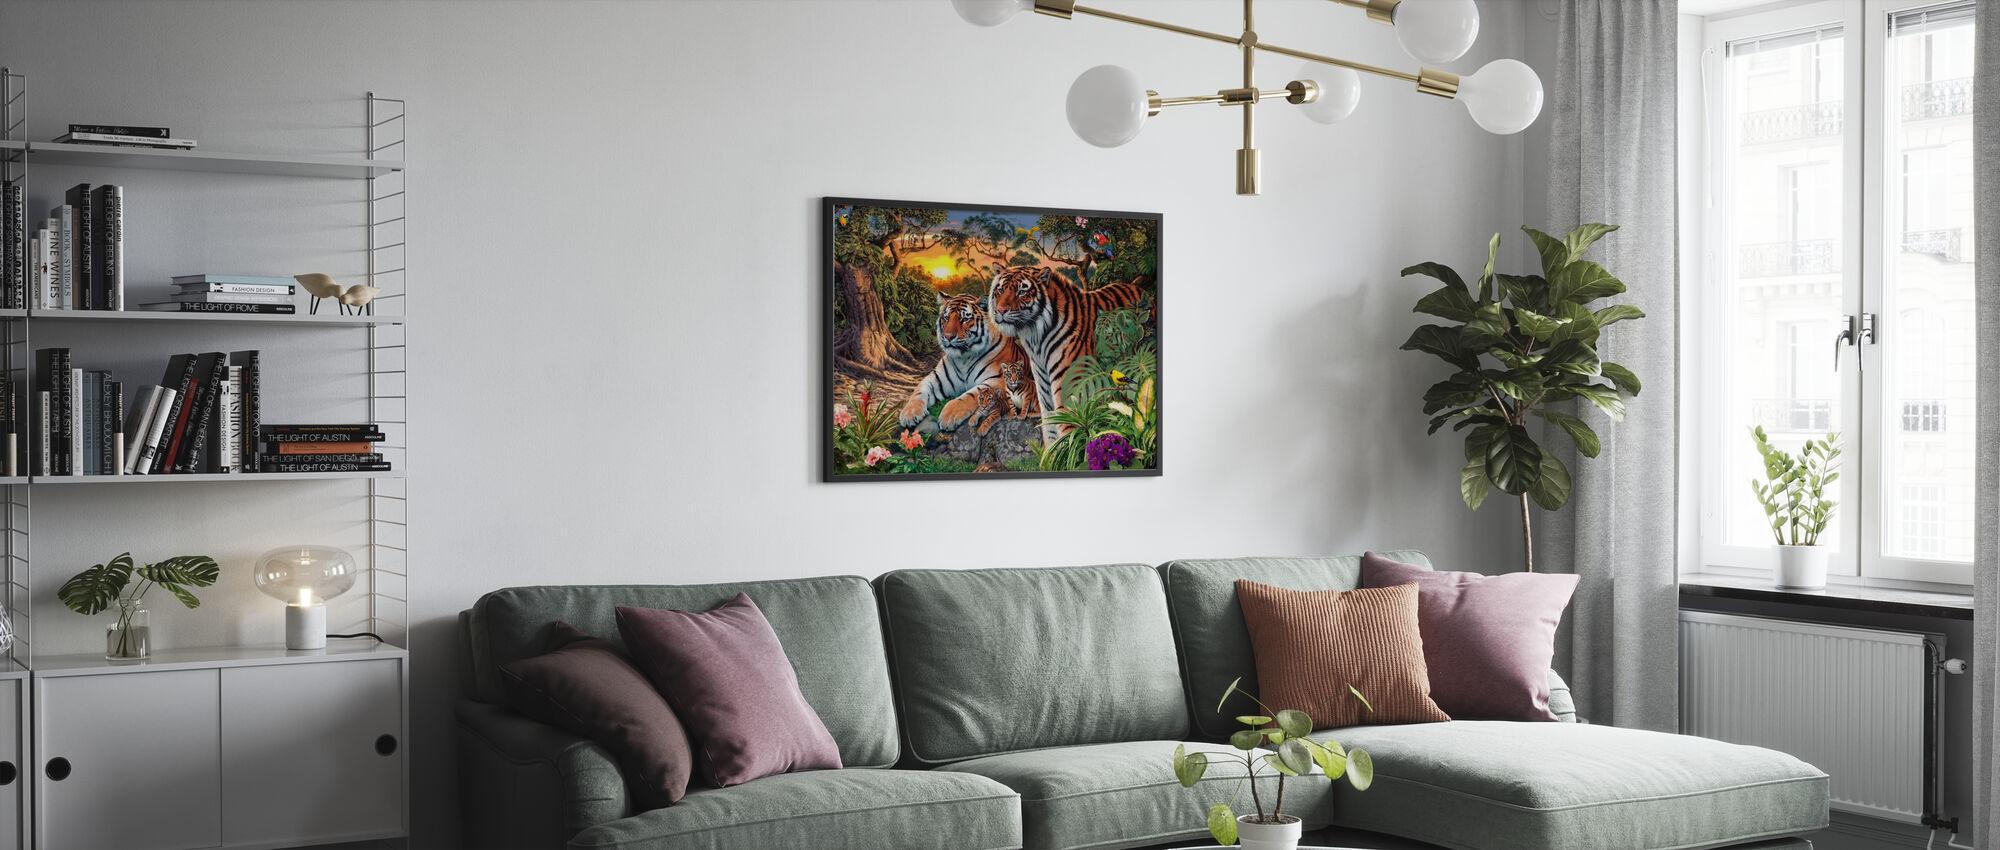 Immagini nascoste - Tigers - Stampa incorniciata - Salotto